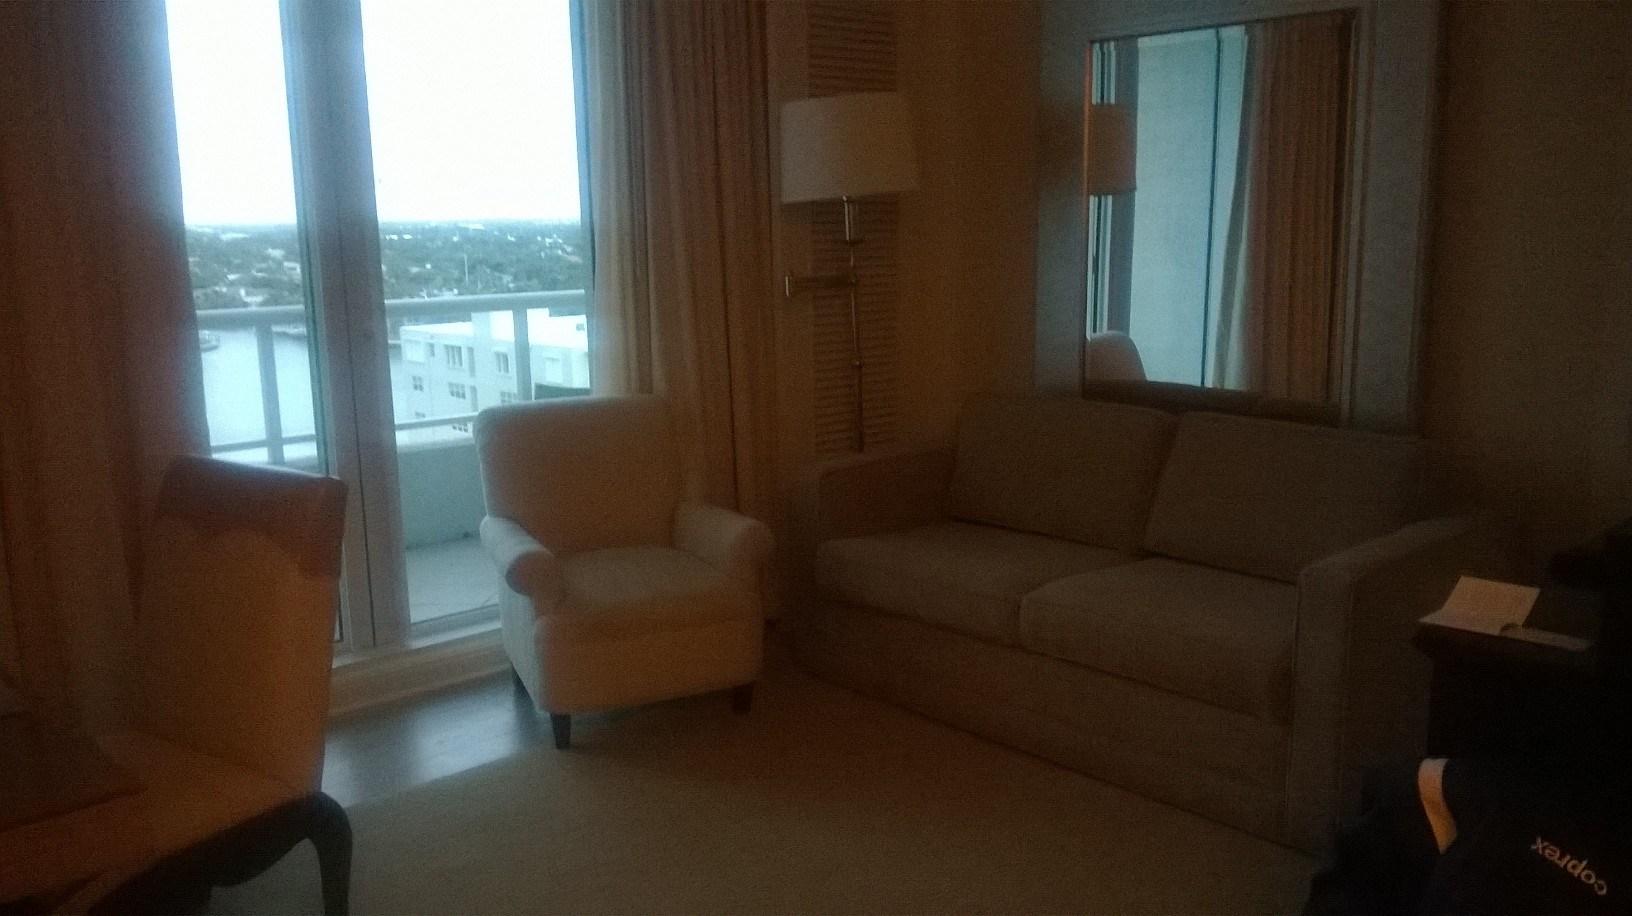 fll-ritz-living-room-nov15